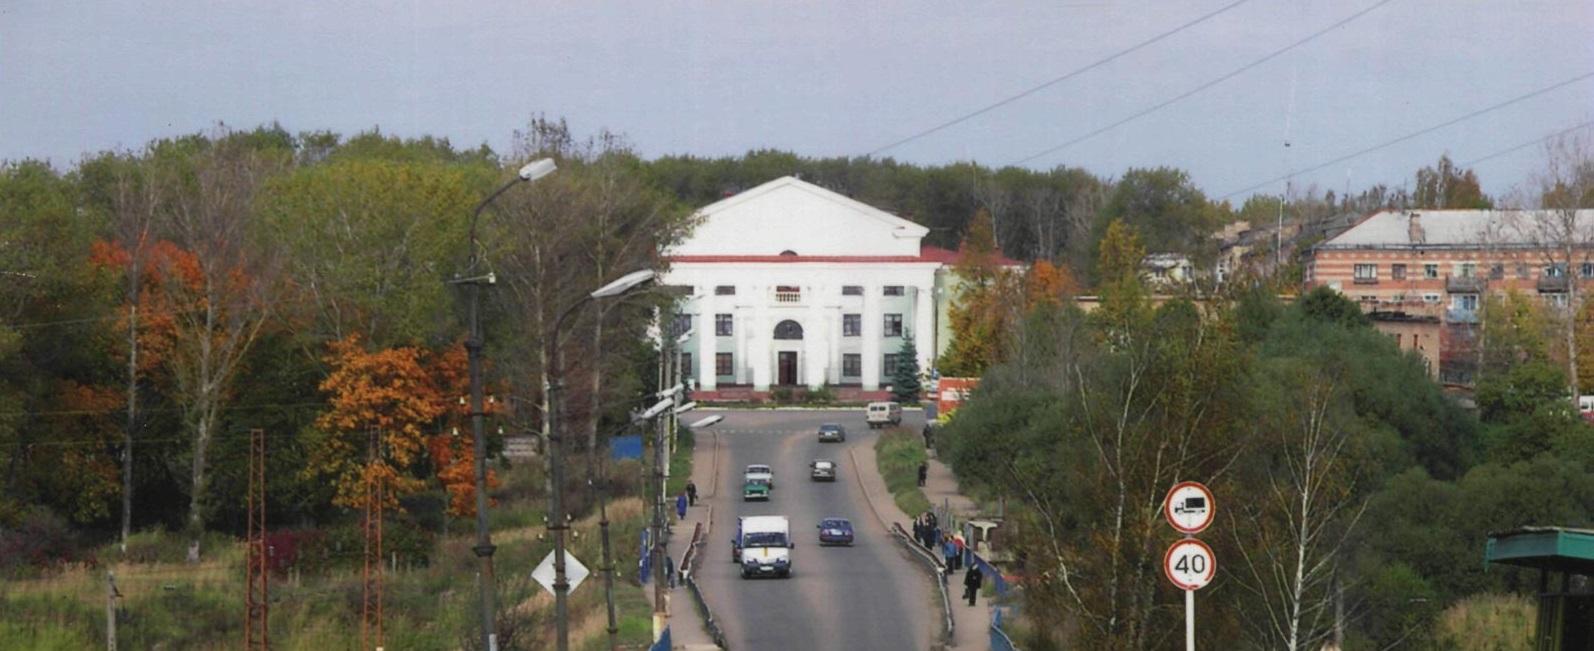 Грузоперевозки из Москвы в Сафоново